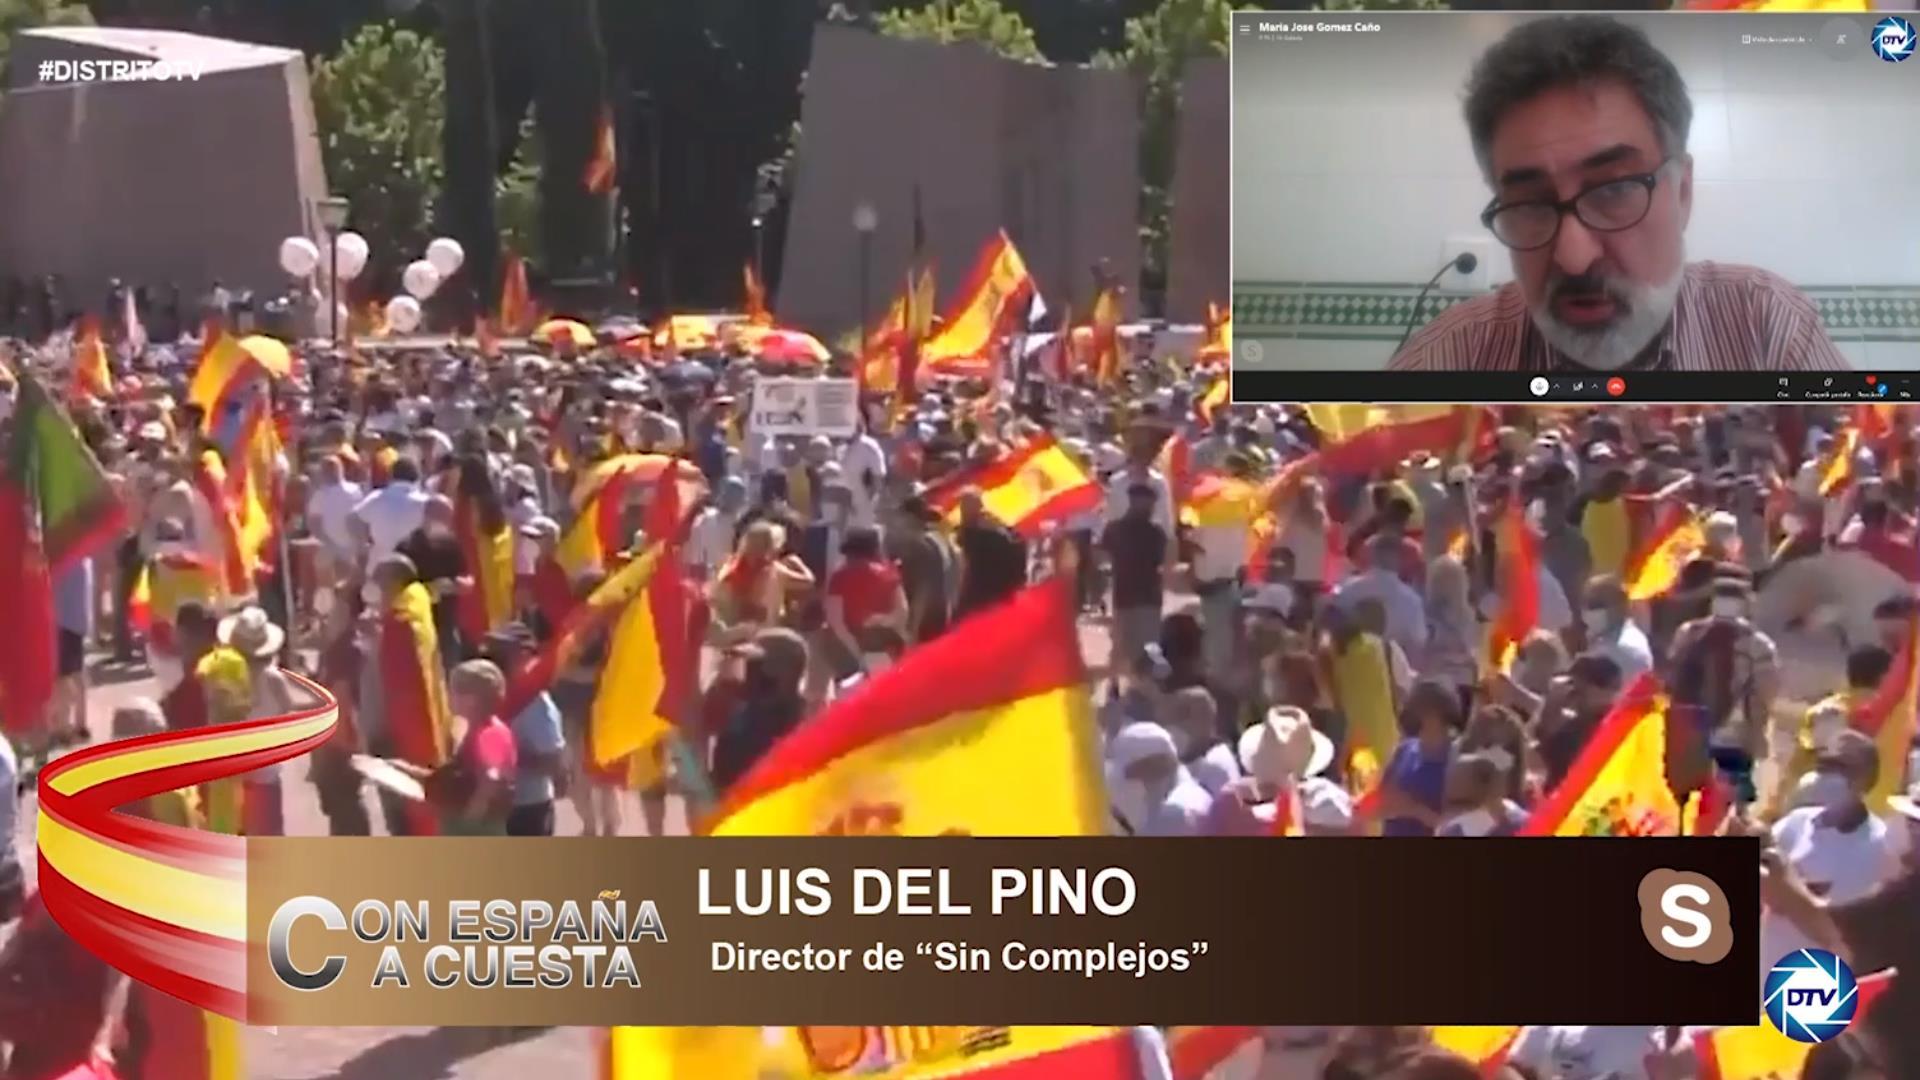 """Luis del Pino: """"Más de 150 mil personas asistieron a Colón, es arrollador, todo el mundo se ha juntado"""""""